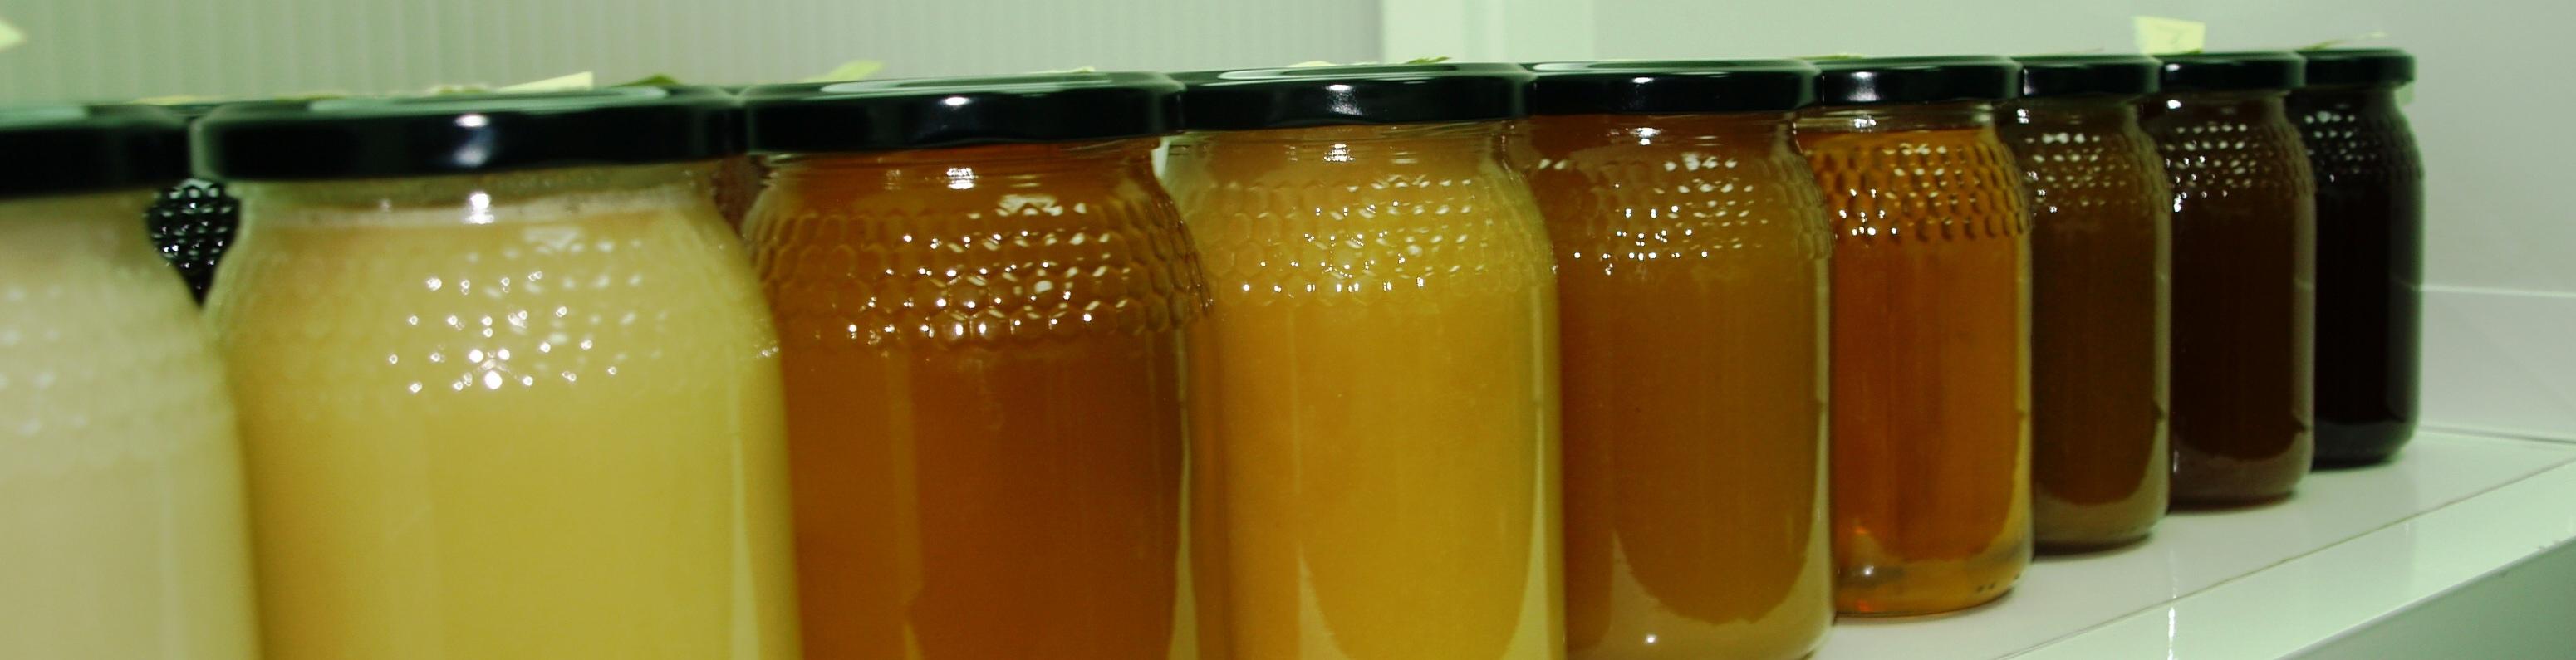 Tipos de miel multifloral | Casa de la miel